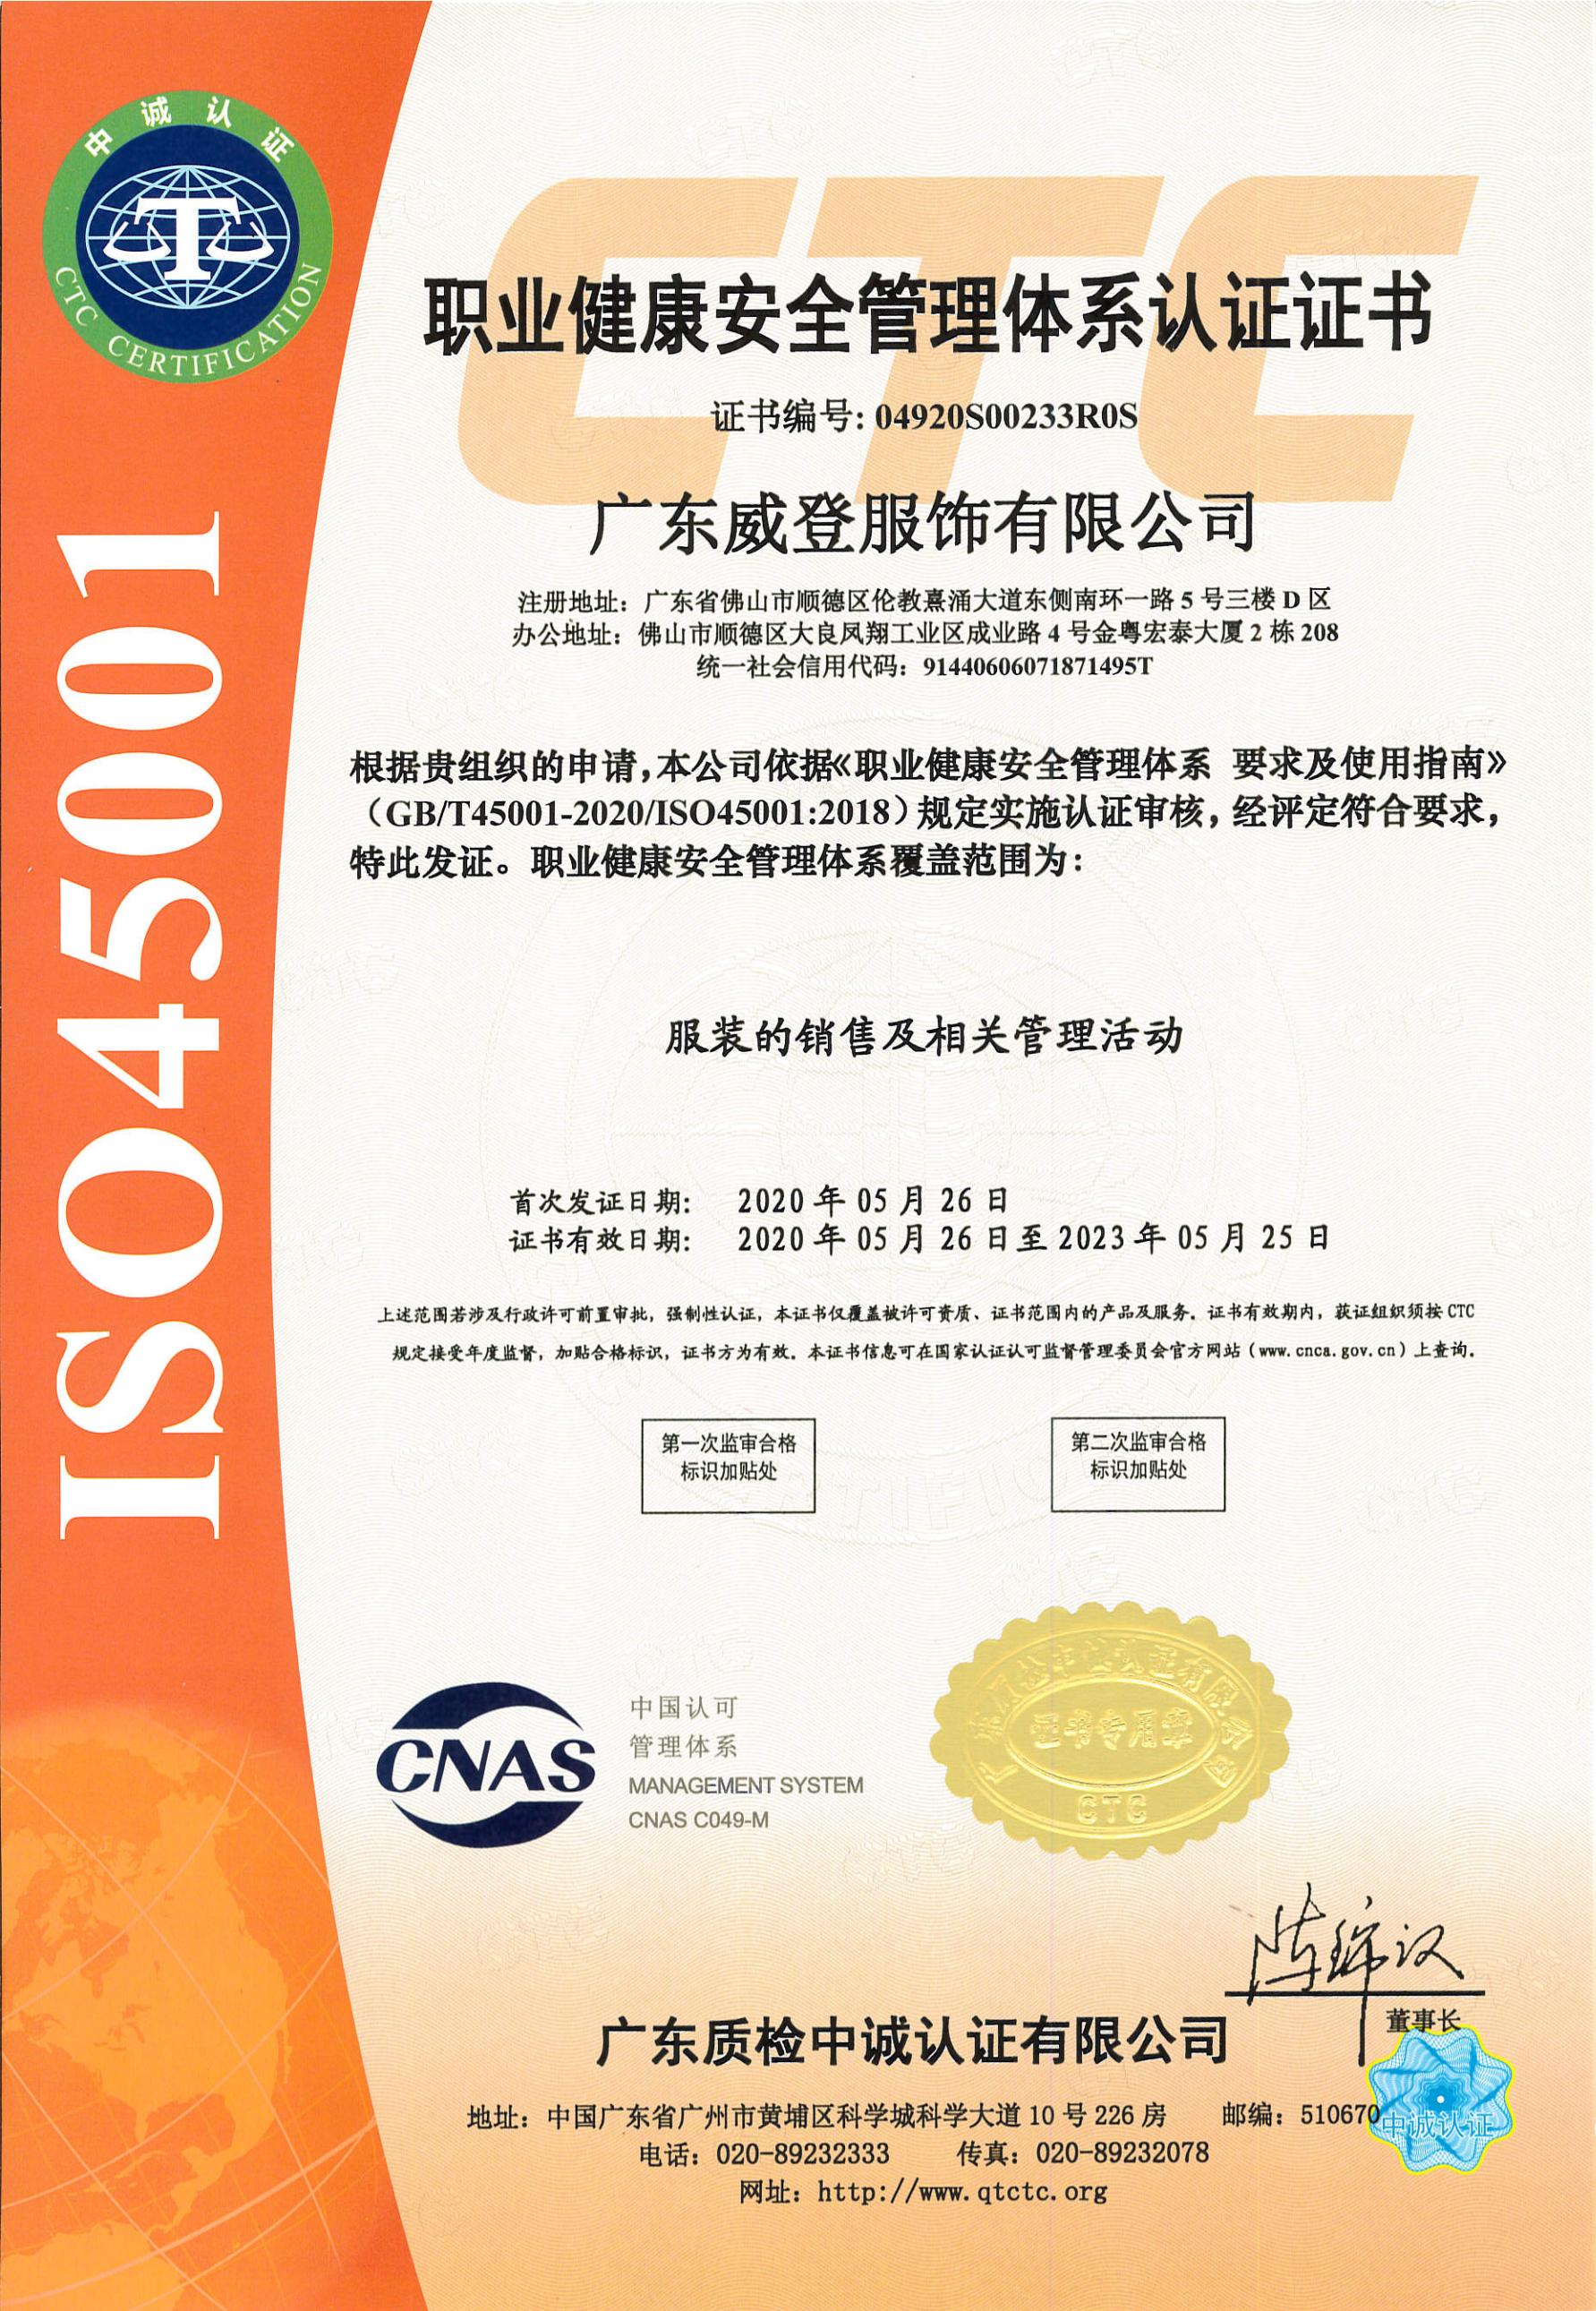 职业健康安全管理体系认证证书-中文